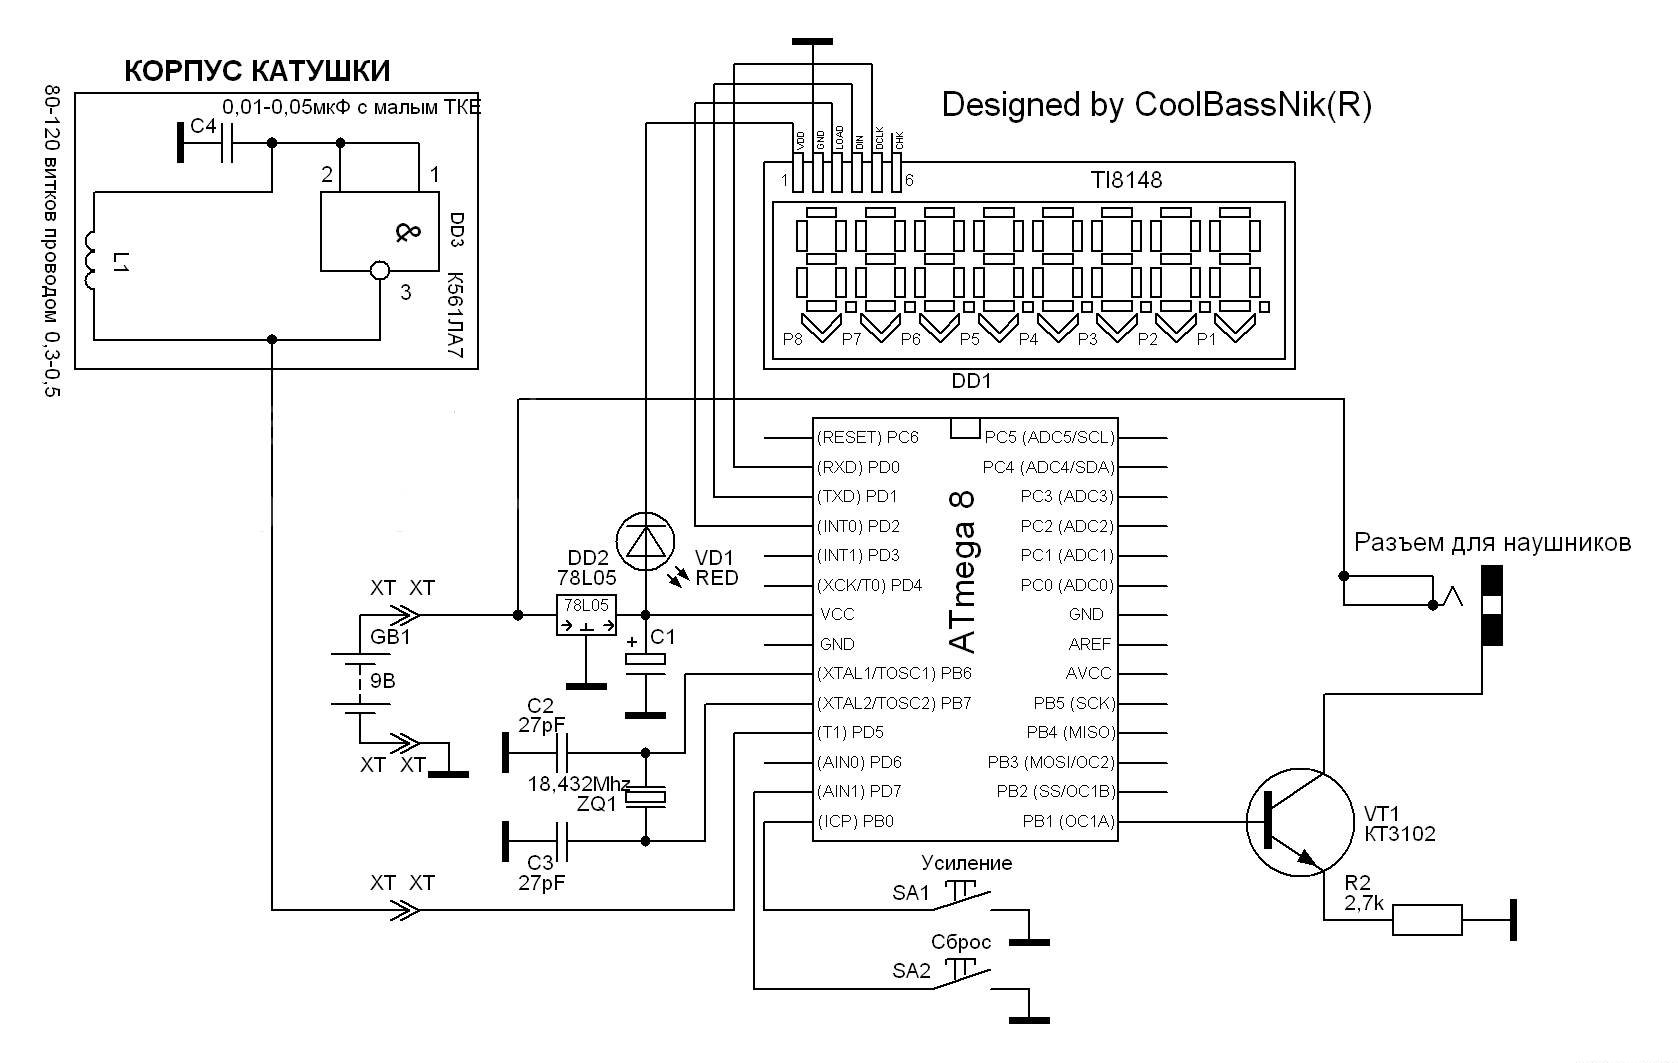 электронные часы на микроконтроллере avr схема